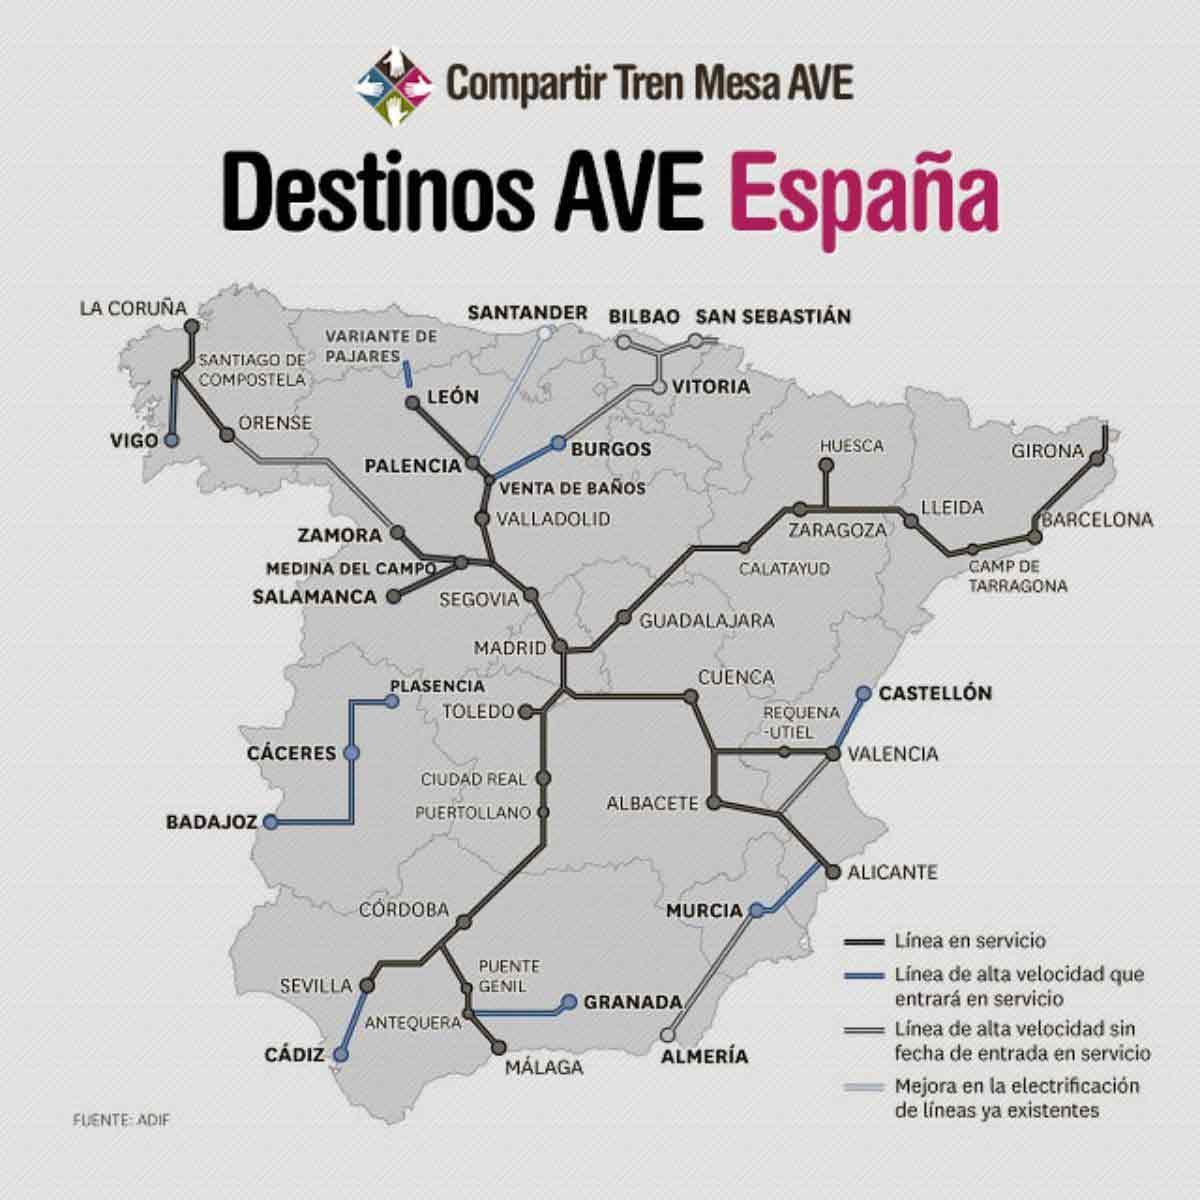 Destinos AVE y Mapa del AVE en España